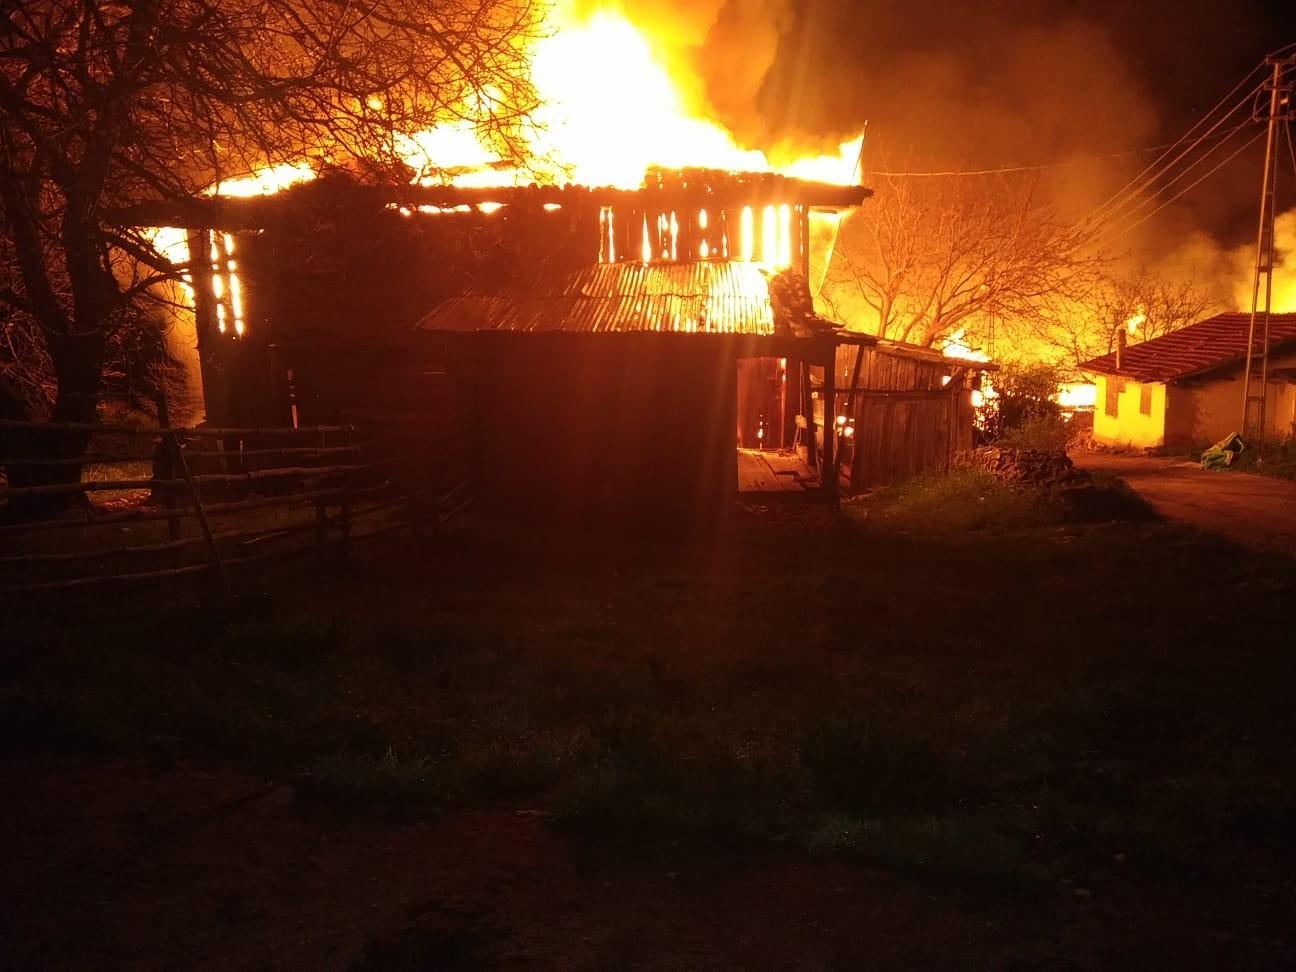 Çıkan yangında 8 ev, 1 ahır ve depo kül oldu